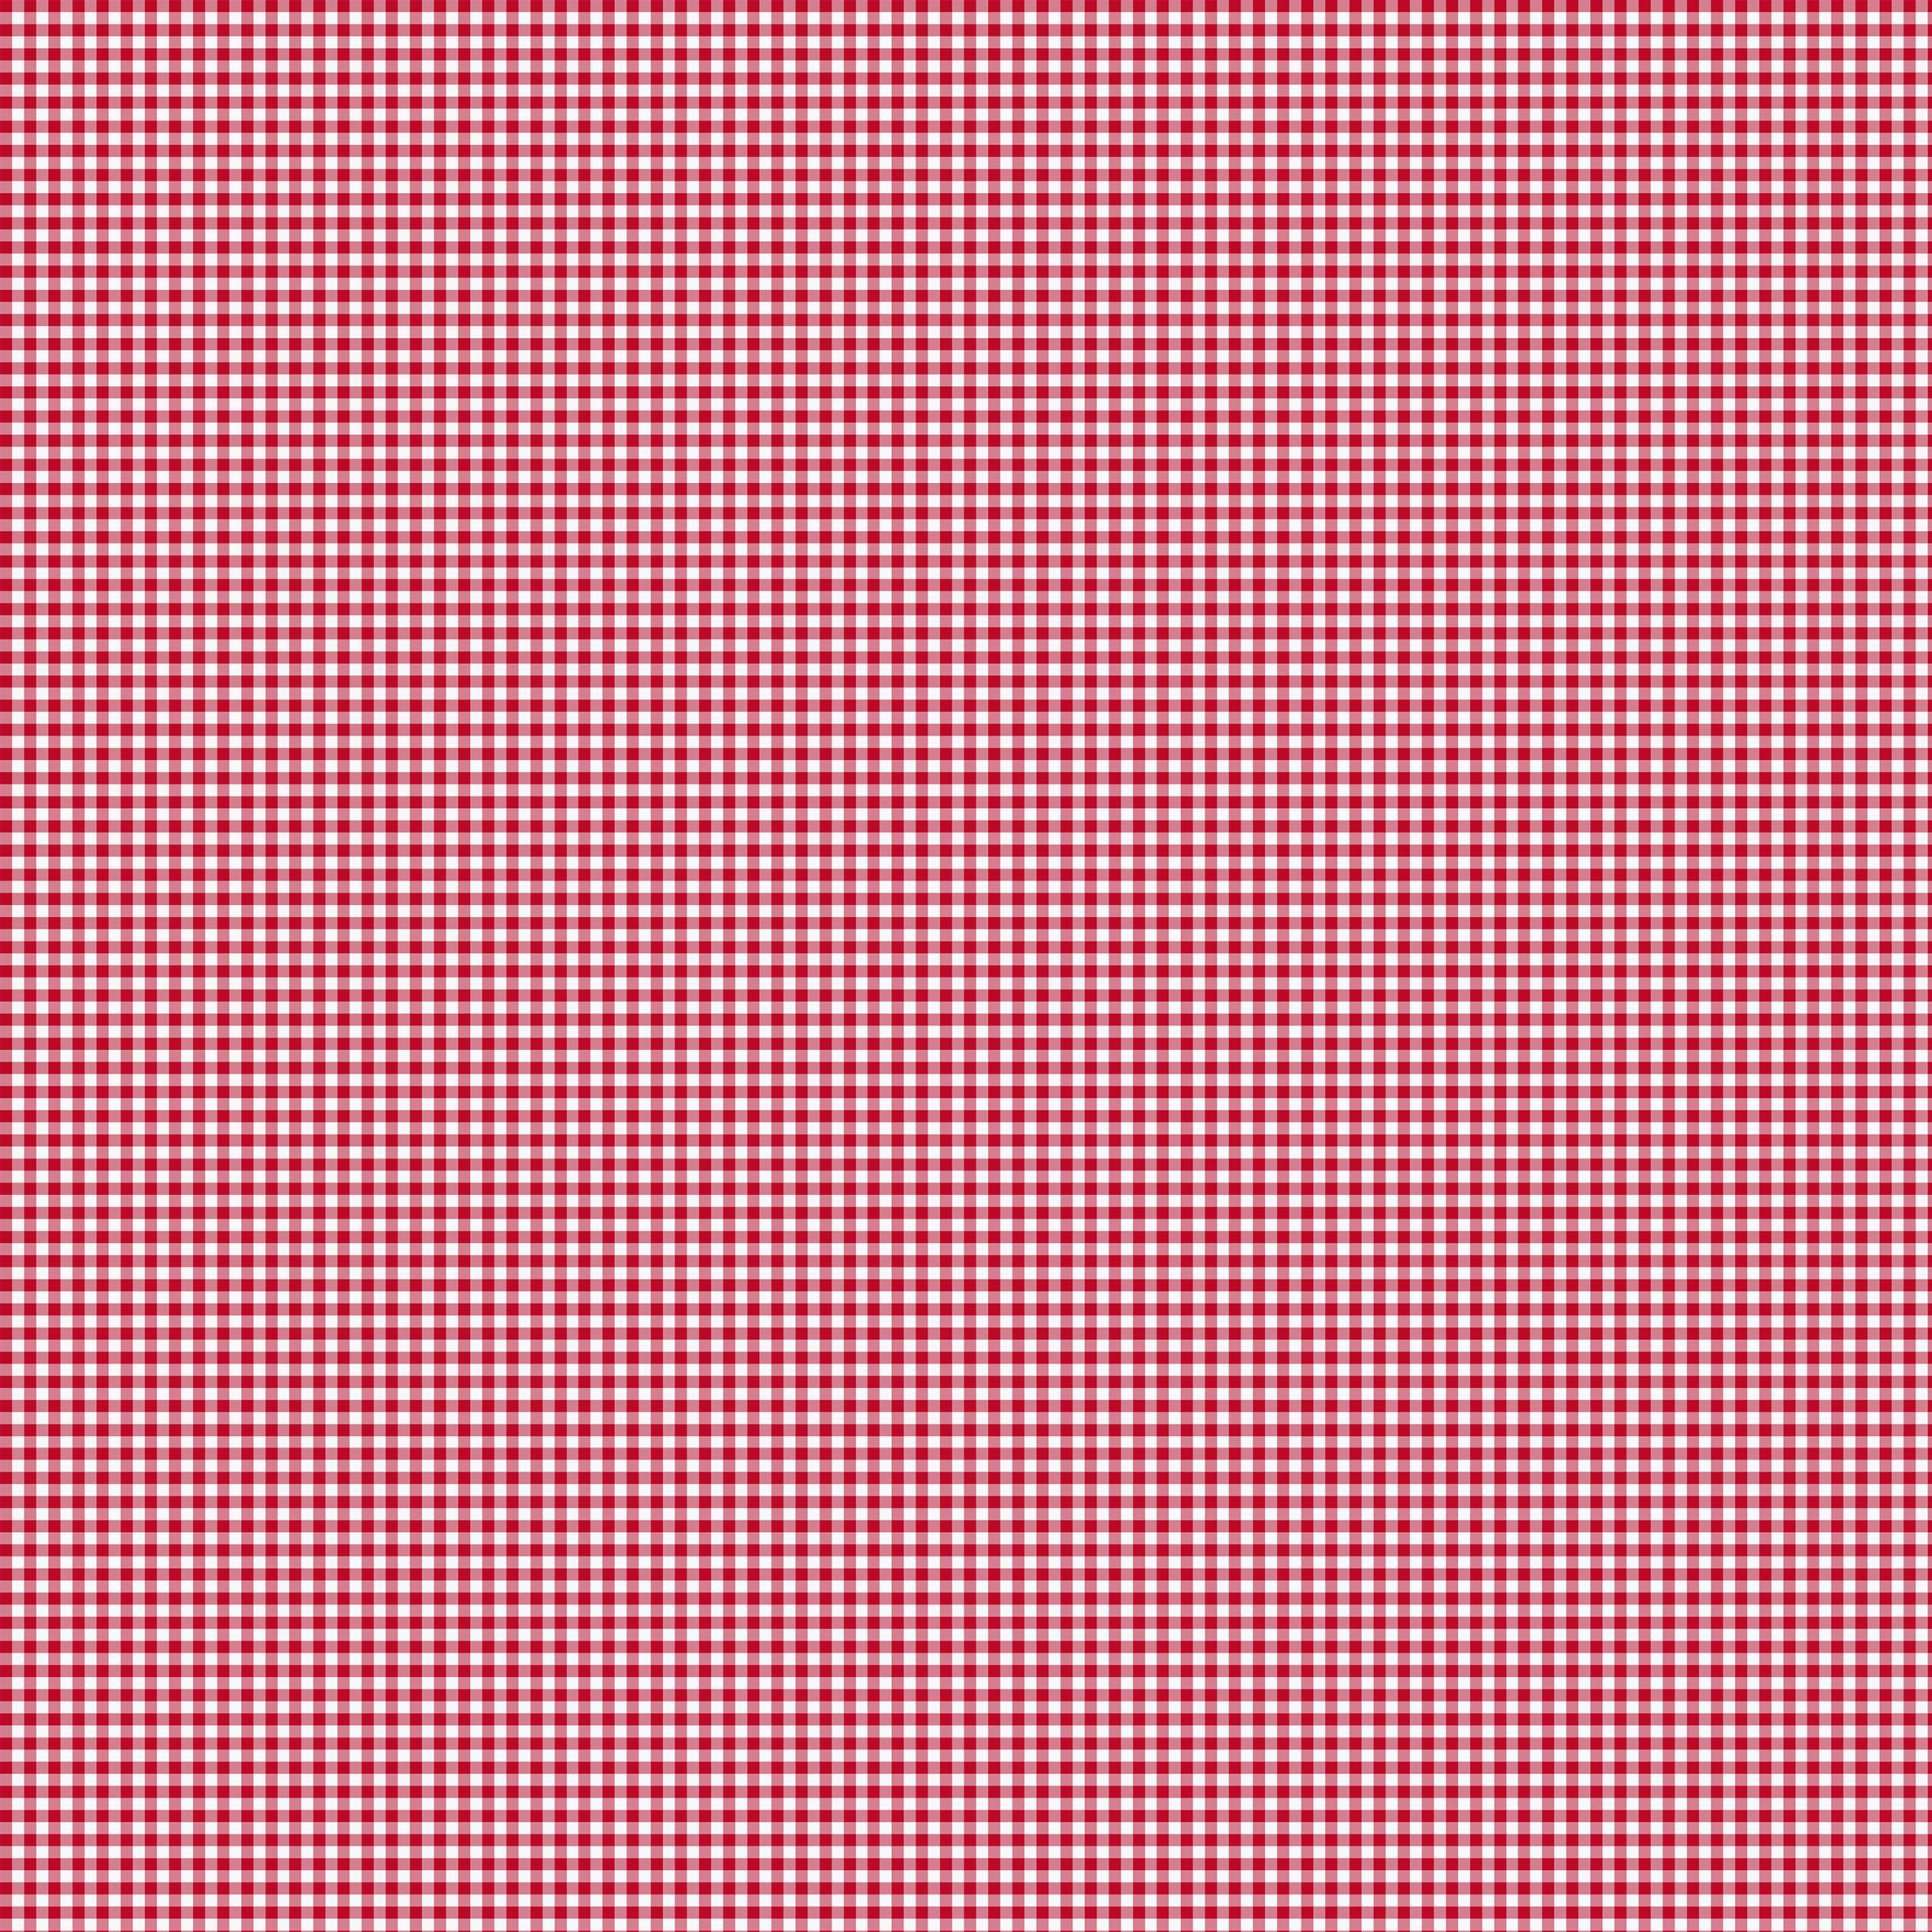 Tkanina Bawełniana 135gm2 Kratka Ikea Czerwona